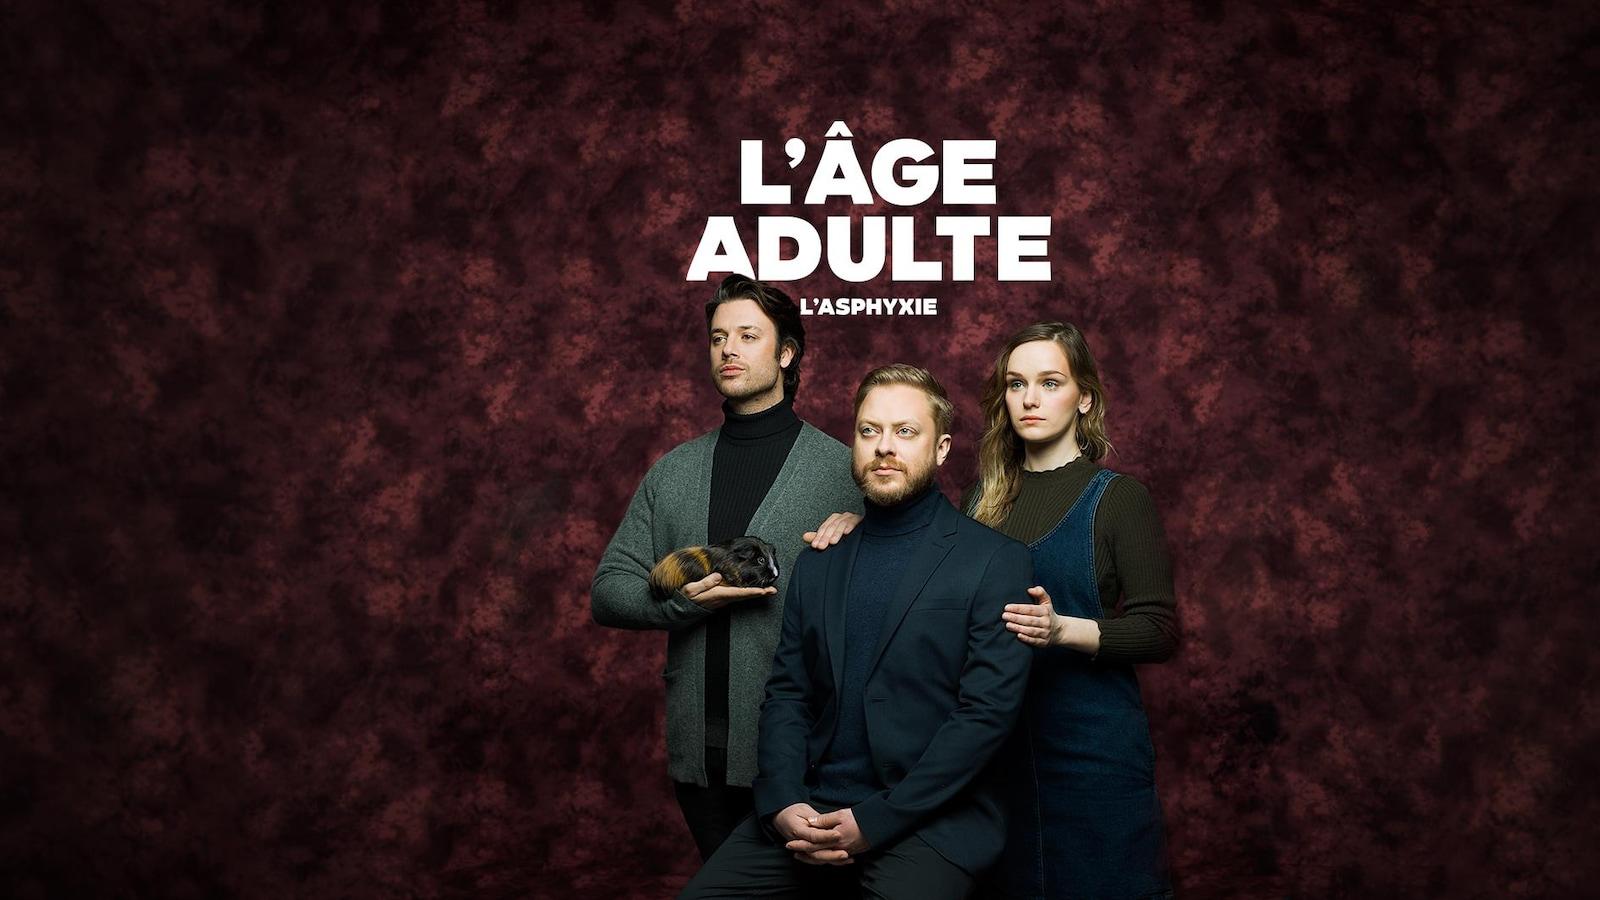 Publicité: L'âge adulte, saison L'asphyxie, dès maintenant sur ICI TOU.TV. Présenté par Toyota et Devenir entrepreneur. Photo des comédiens.